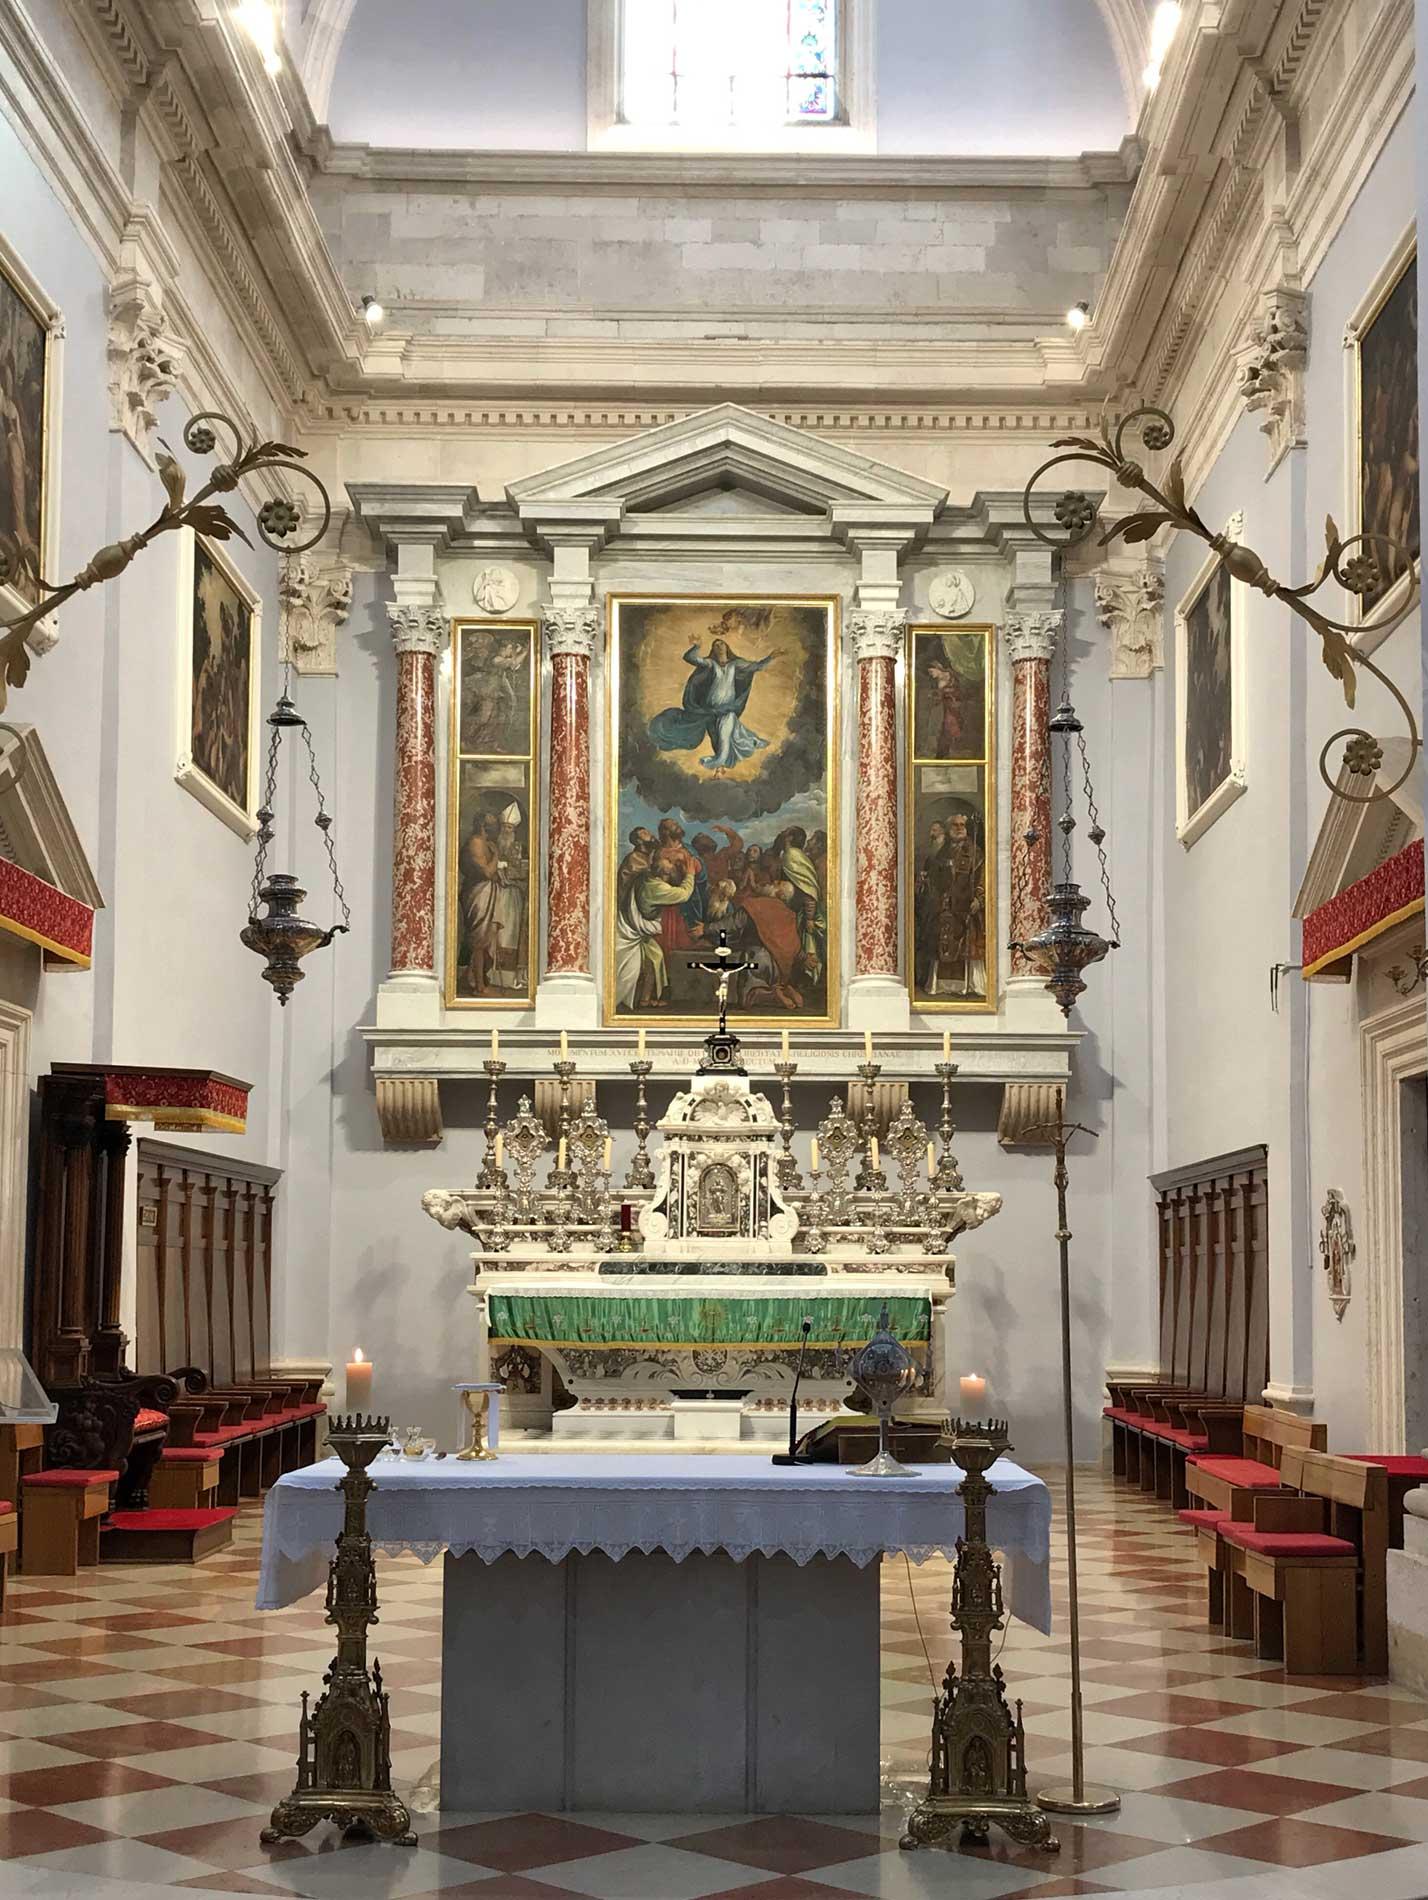 Dubrovnik-Croazia-Cattedrale-interno-quadro-Assunta-Tiziano